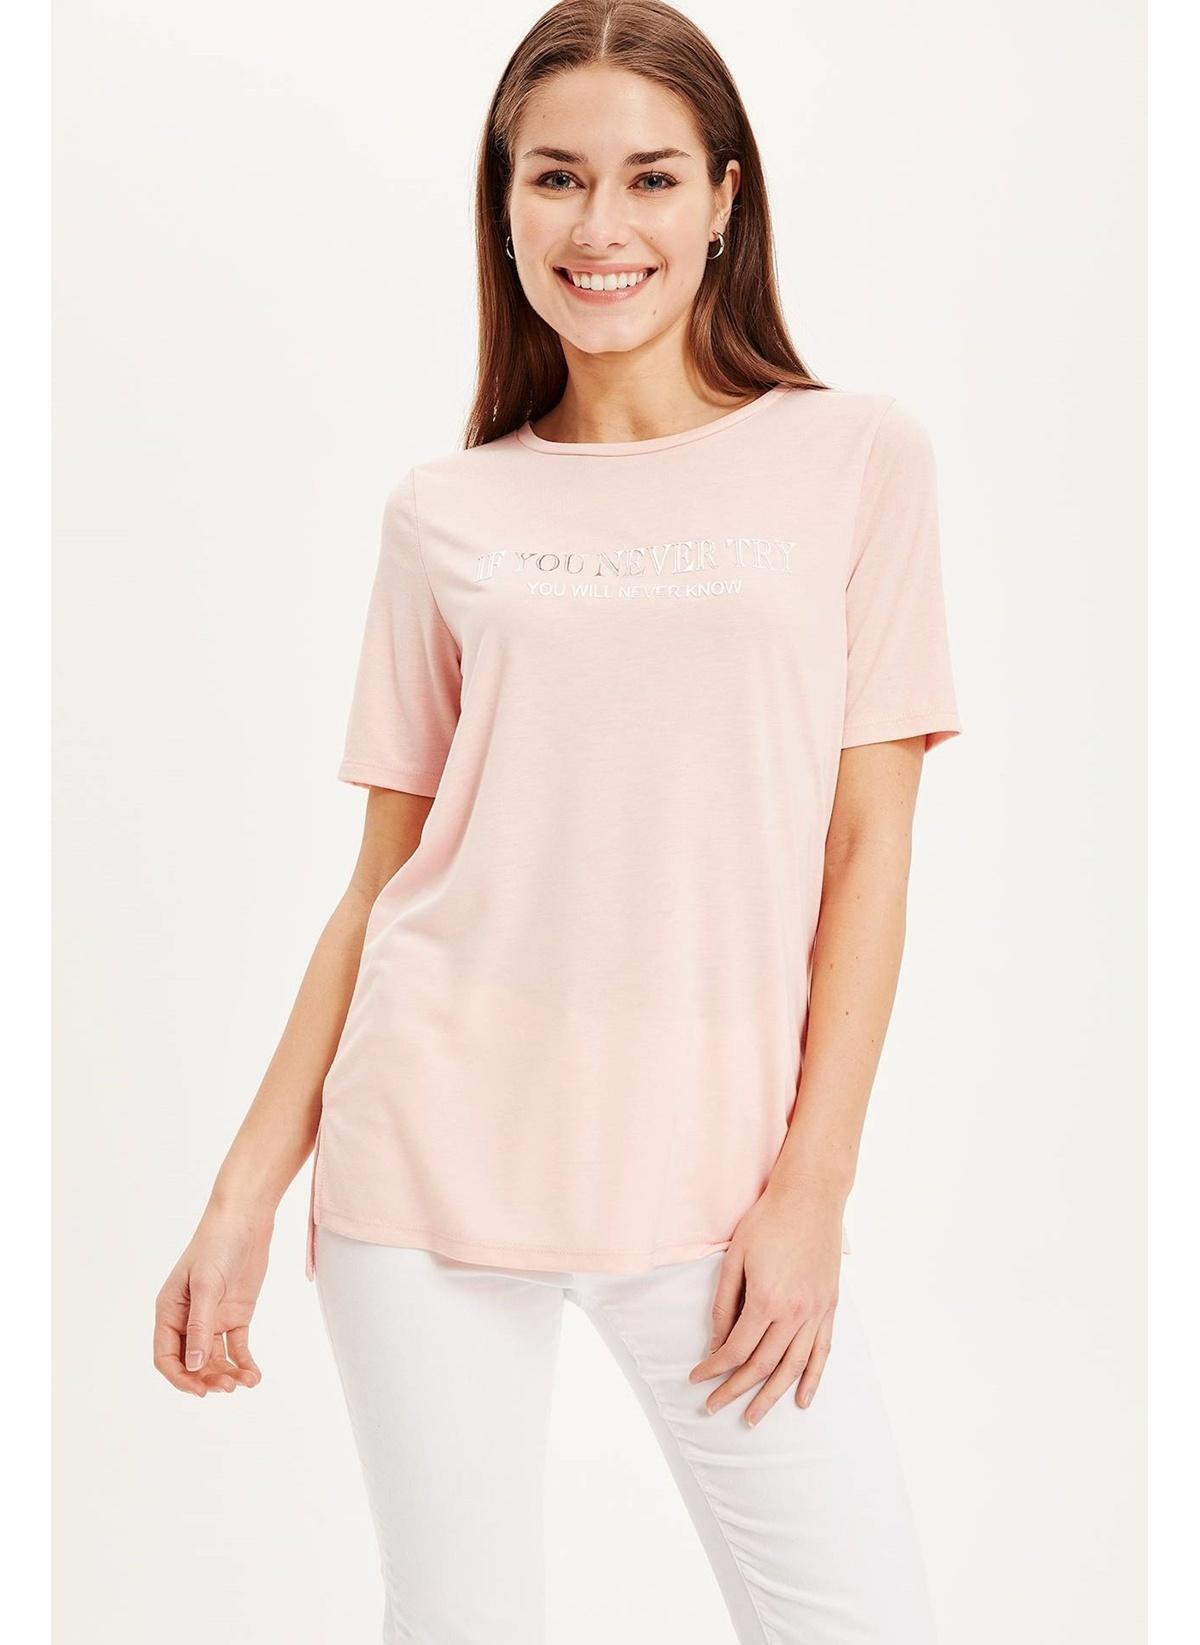 Defacto Baskılı V Yakalı Kısa Kollu T-shirt K7935az19sppn127t-shirt – 29.99 TL